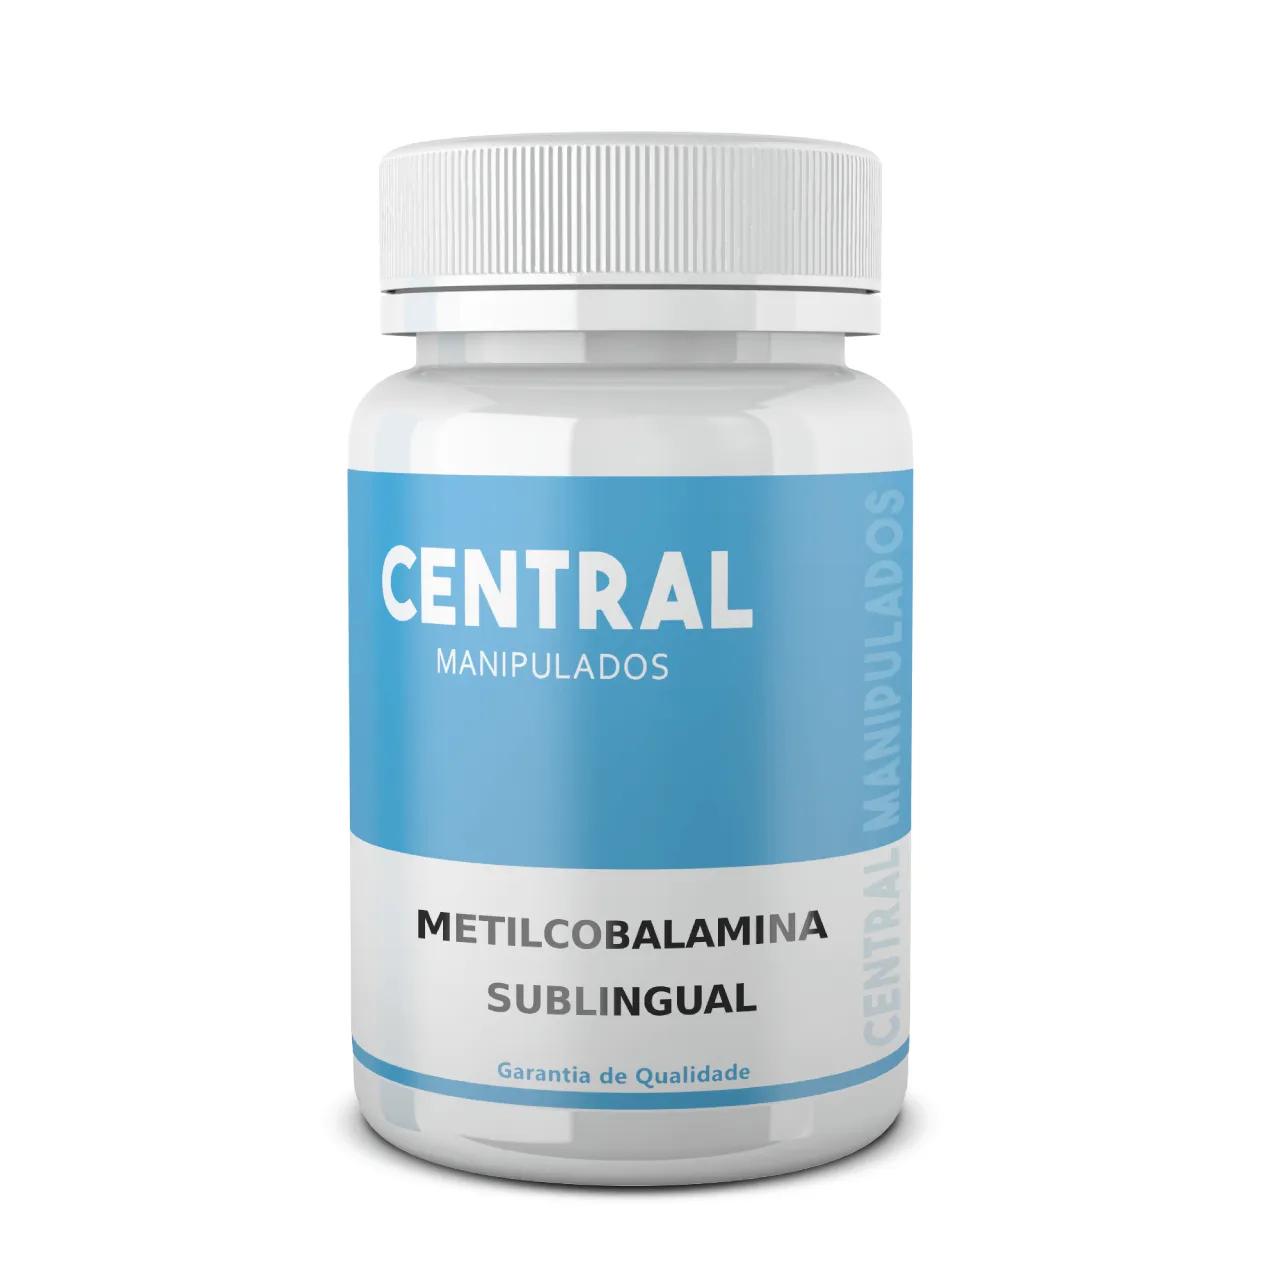 Metilcobalamina 5MG 60 cápsulas - Vitamina B12 - Sublingual (Tapiocaps)